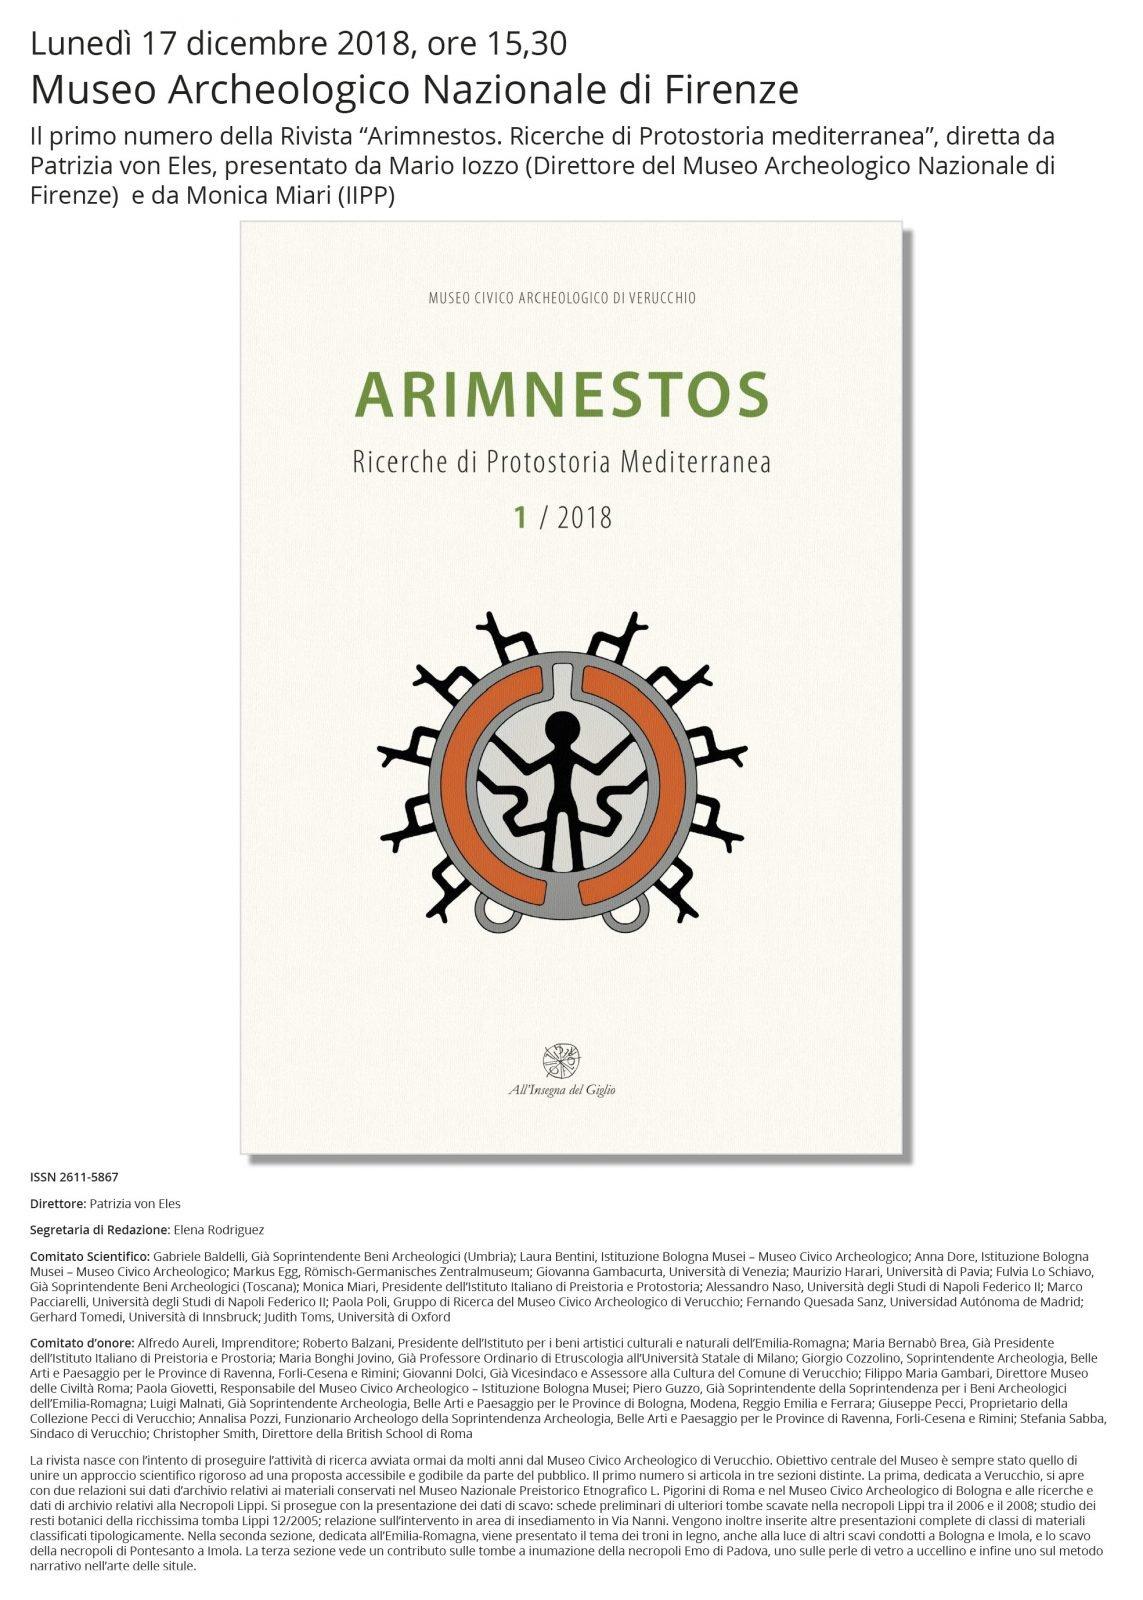 Arimnestos, locandina presentazione a Firenze.